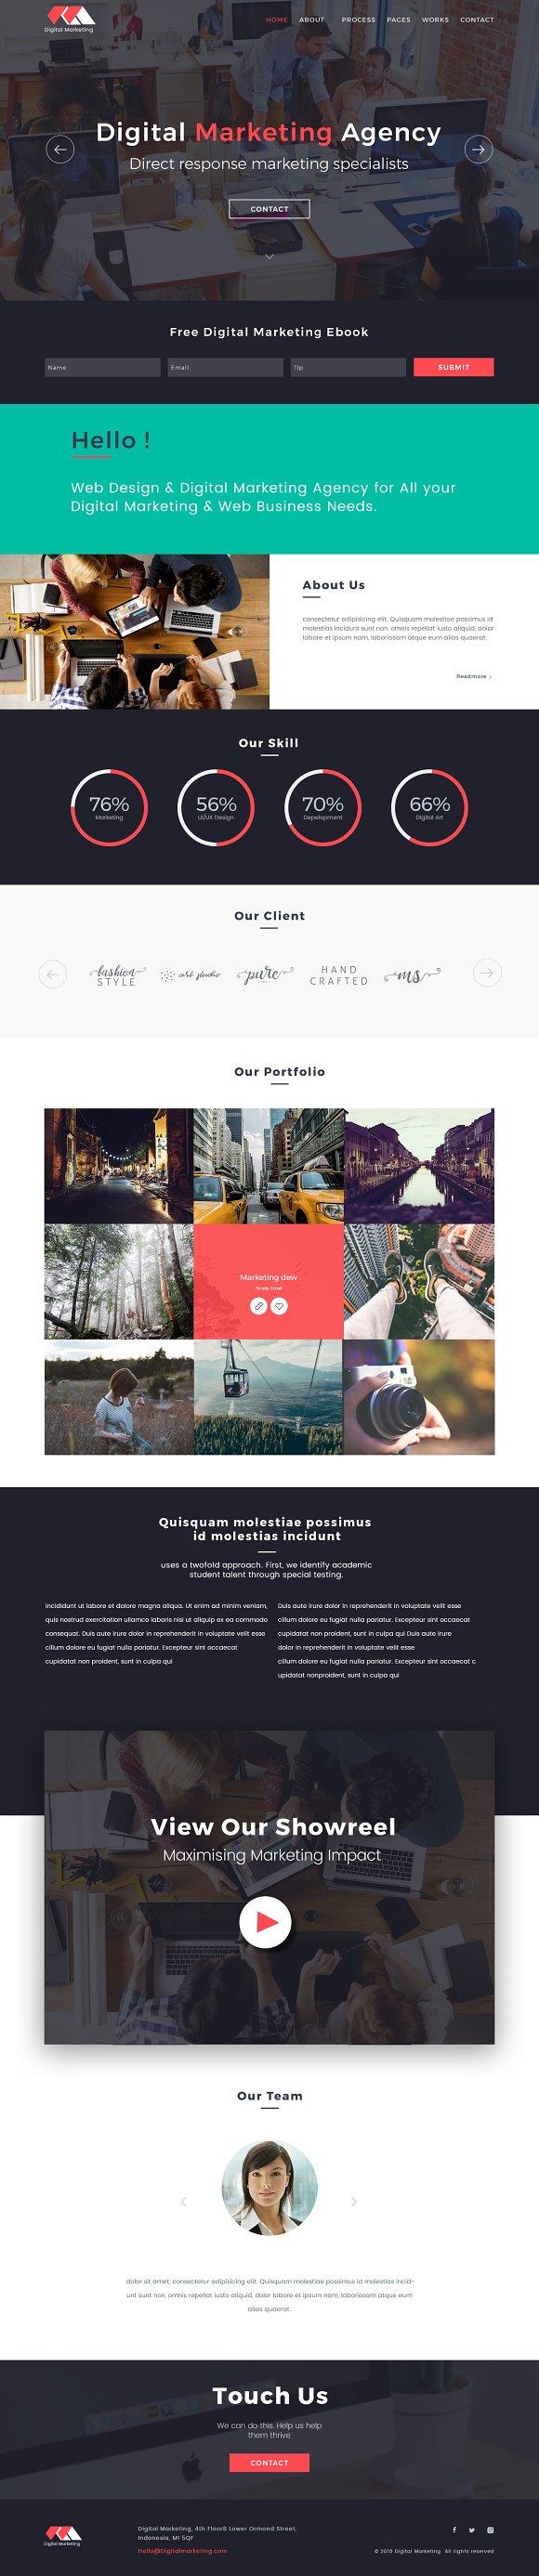 Digital Marketing Website PSD